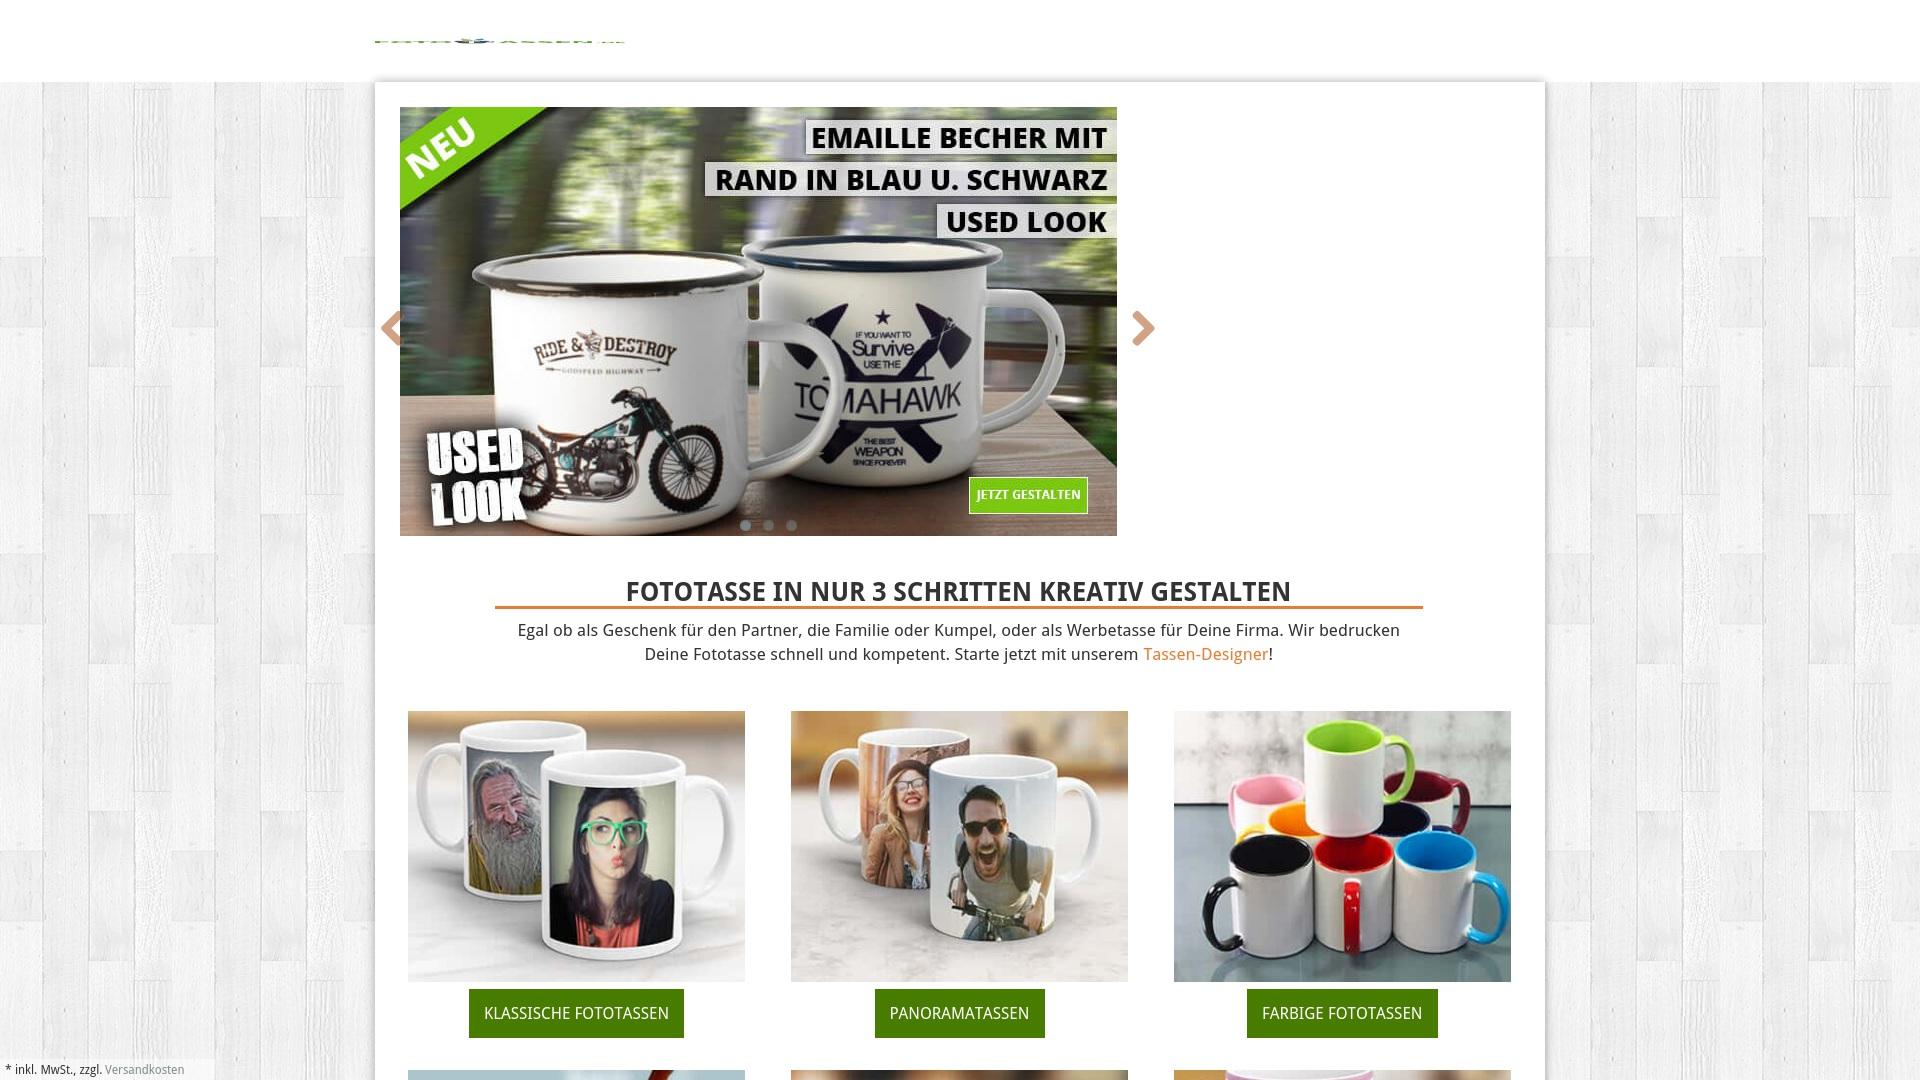 Gutschein für Fototassen: Rabatte für  Fototassen sichern